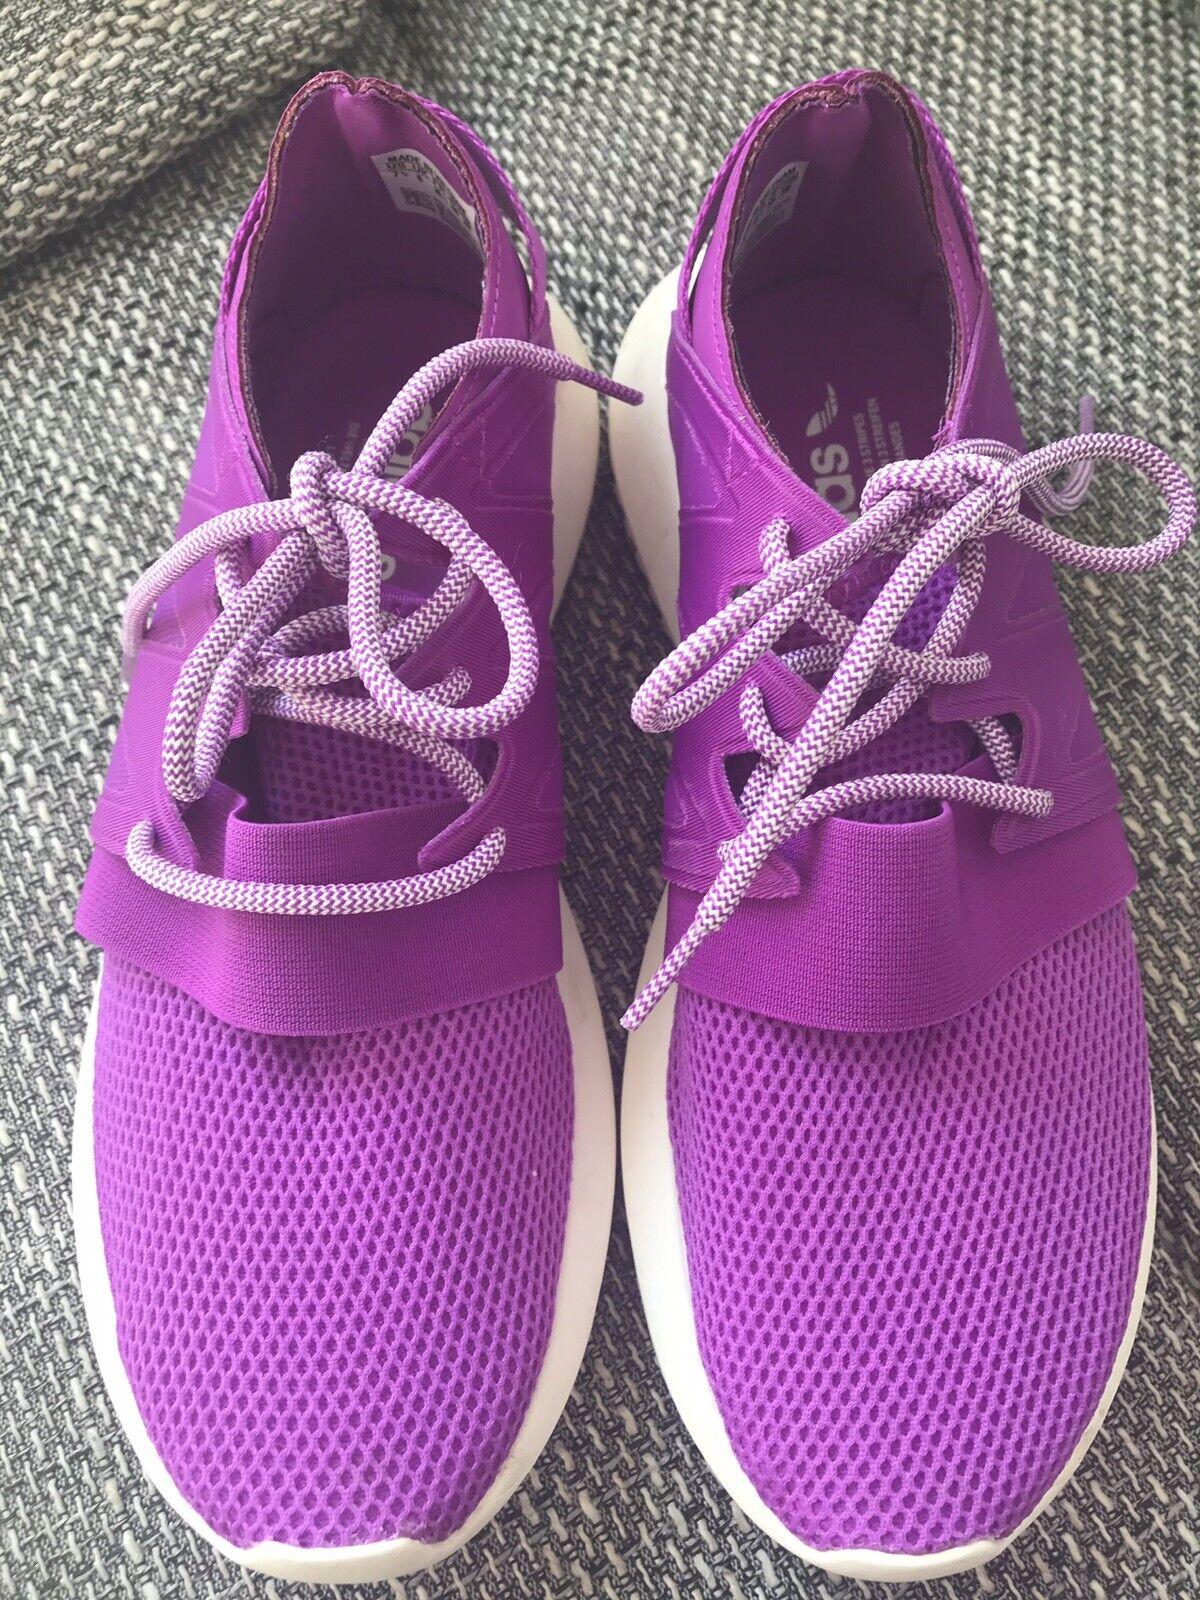 Adidas Damen     Mädchen Gr.39 1 3 dde158